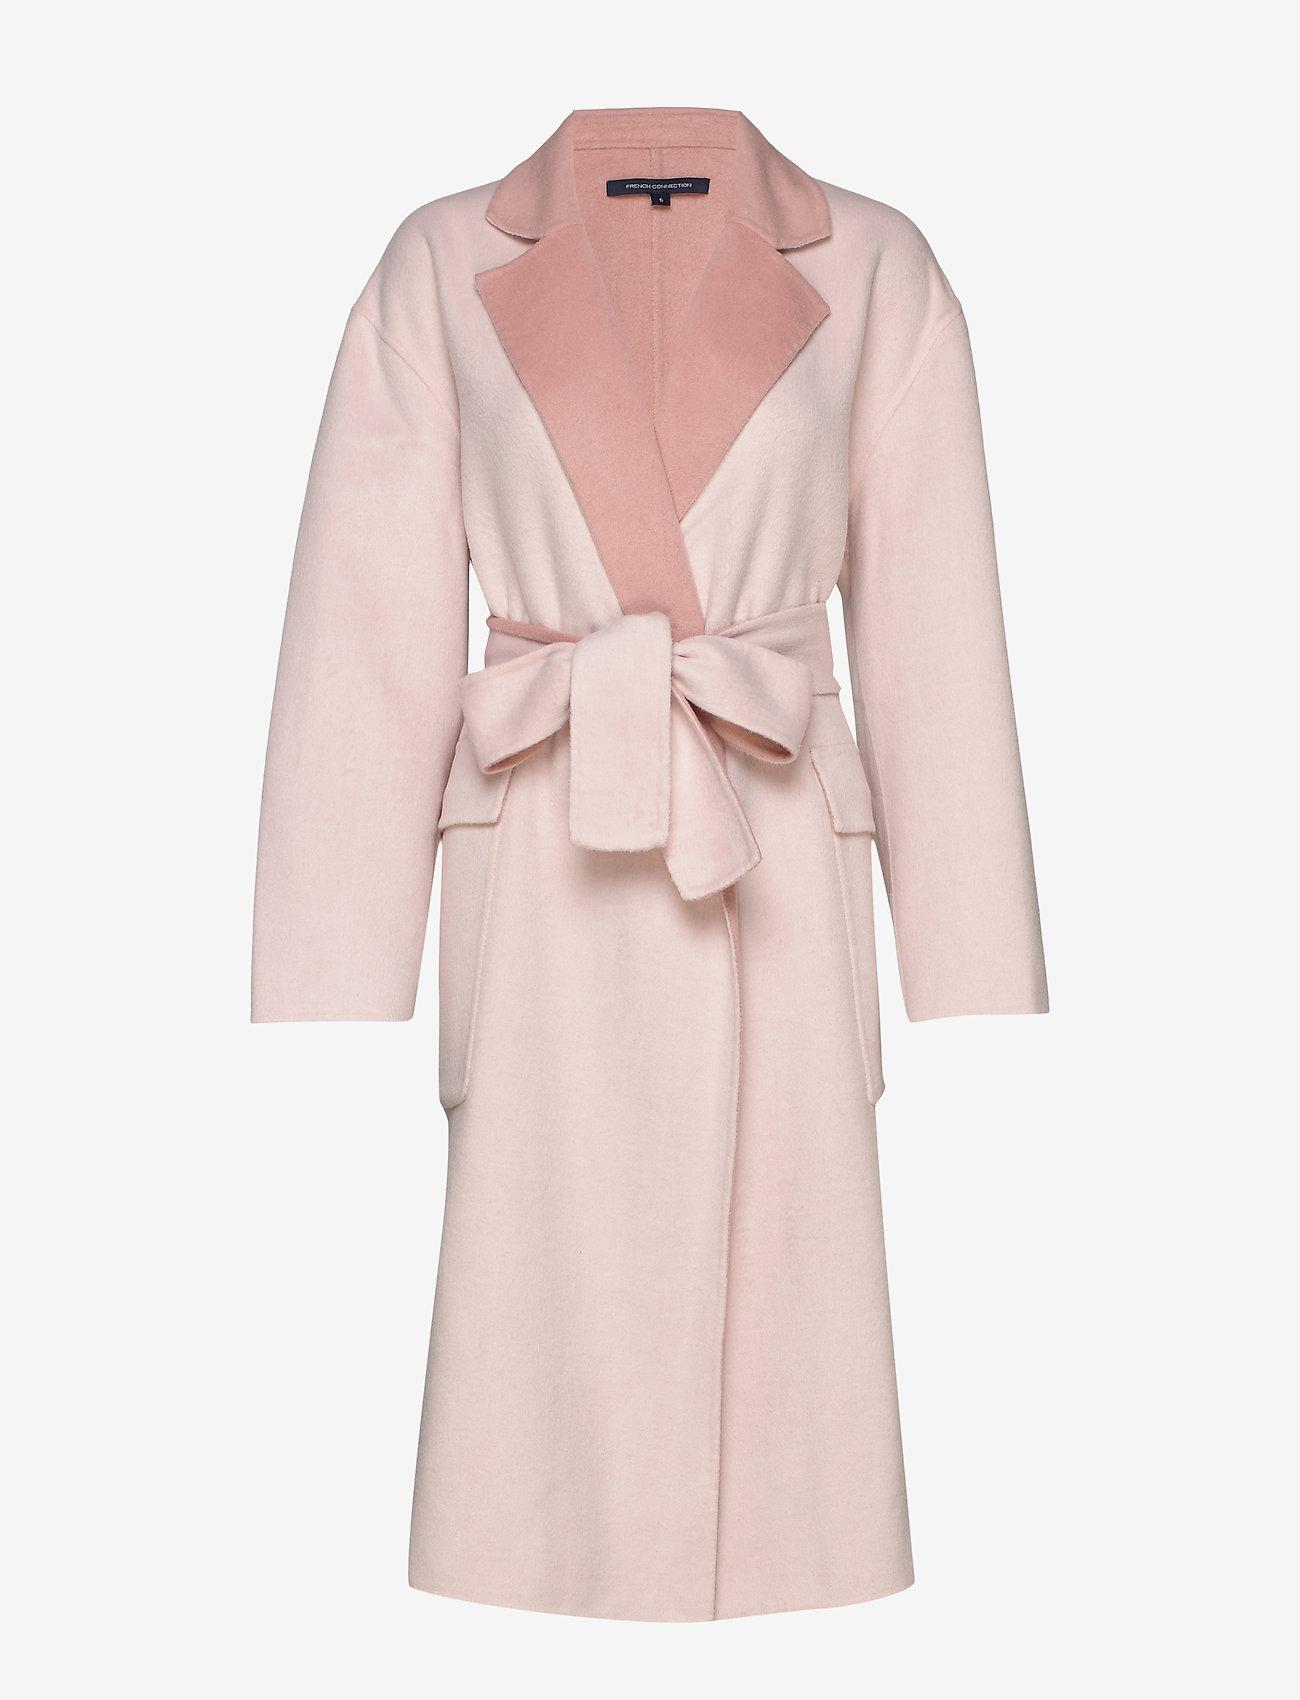 Laveste Pris Kvinder Tøj.Daralice Wool Belted Coat W Wh/drk Vailla Pnk 1439.40 French Connection xG3TQM